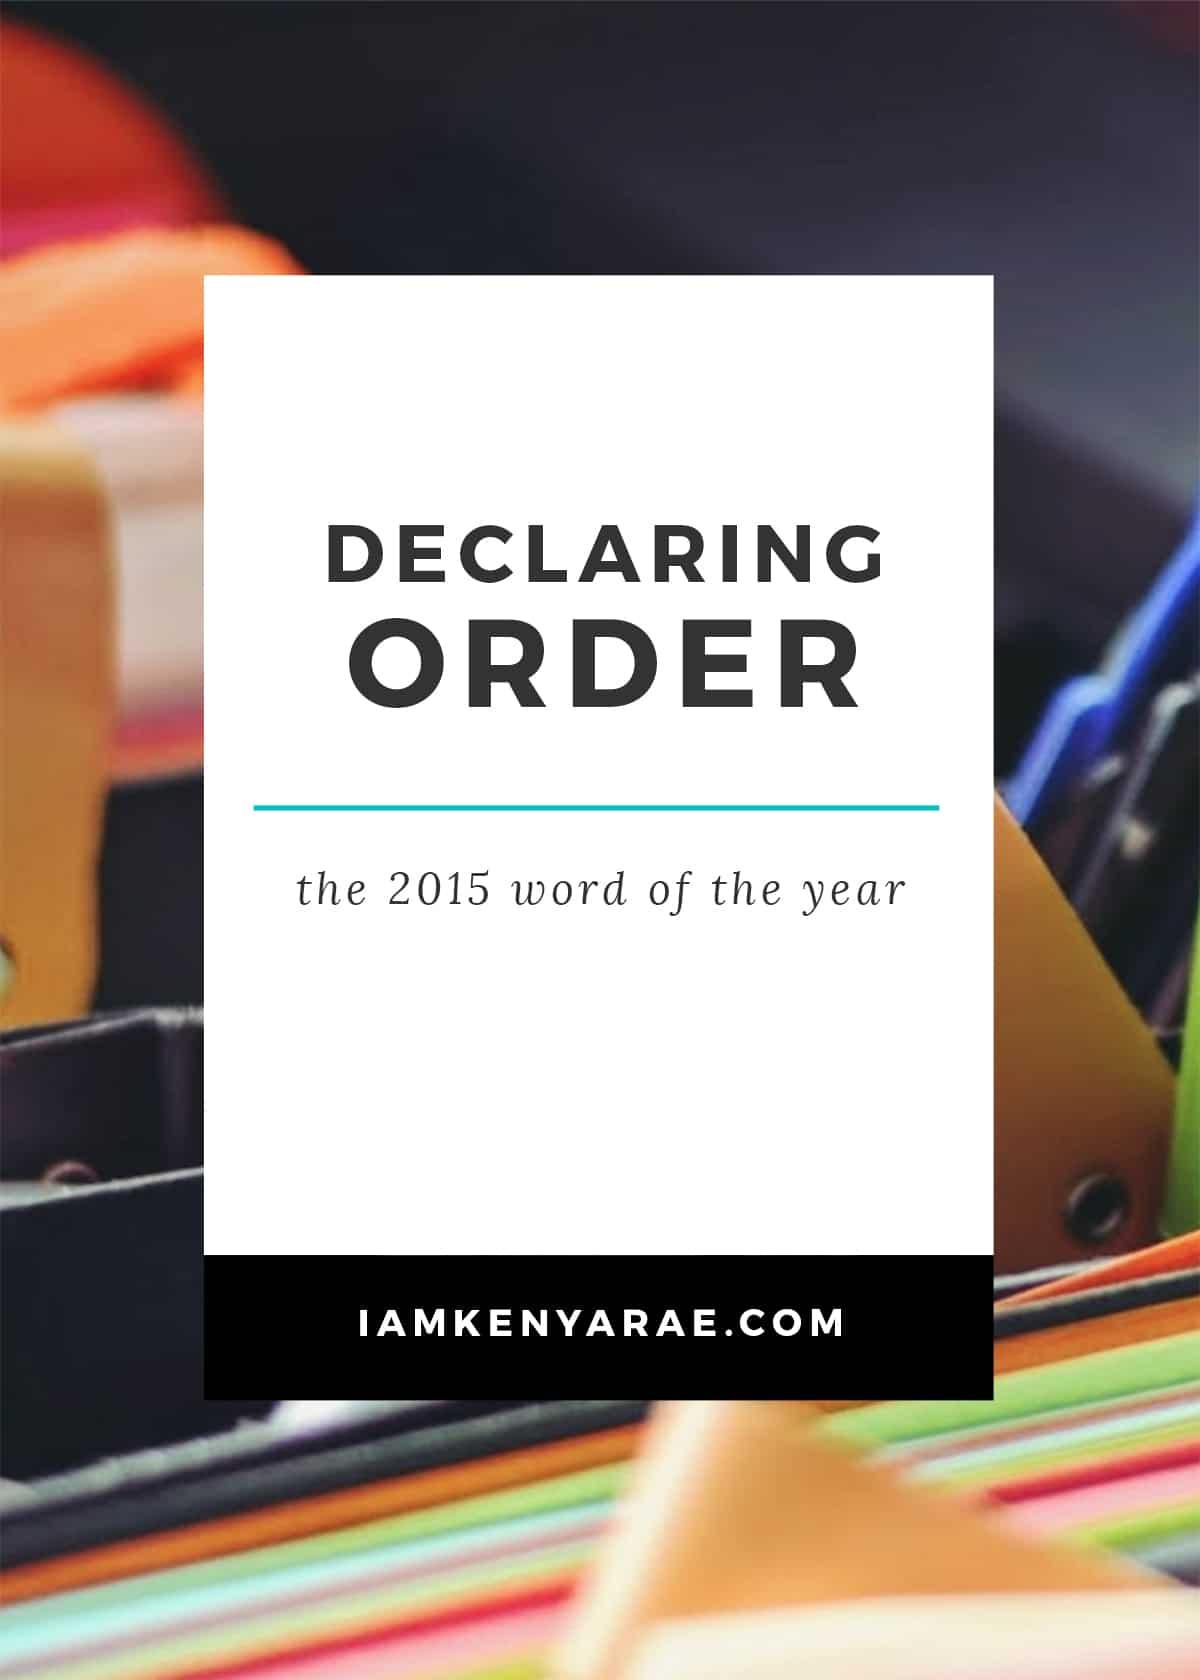 Declaring order